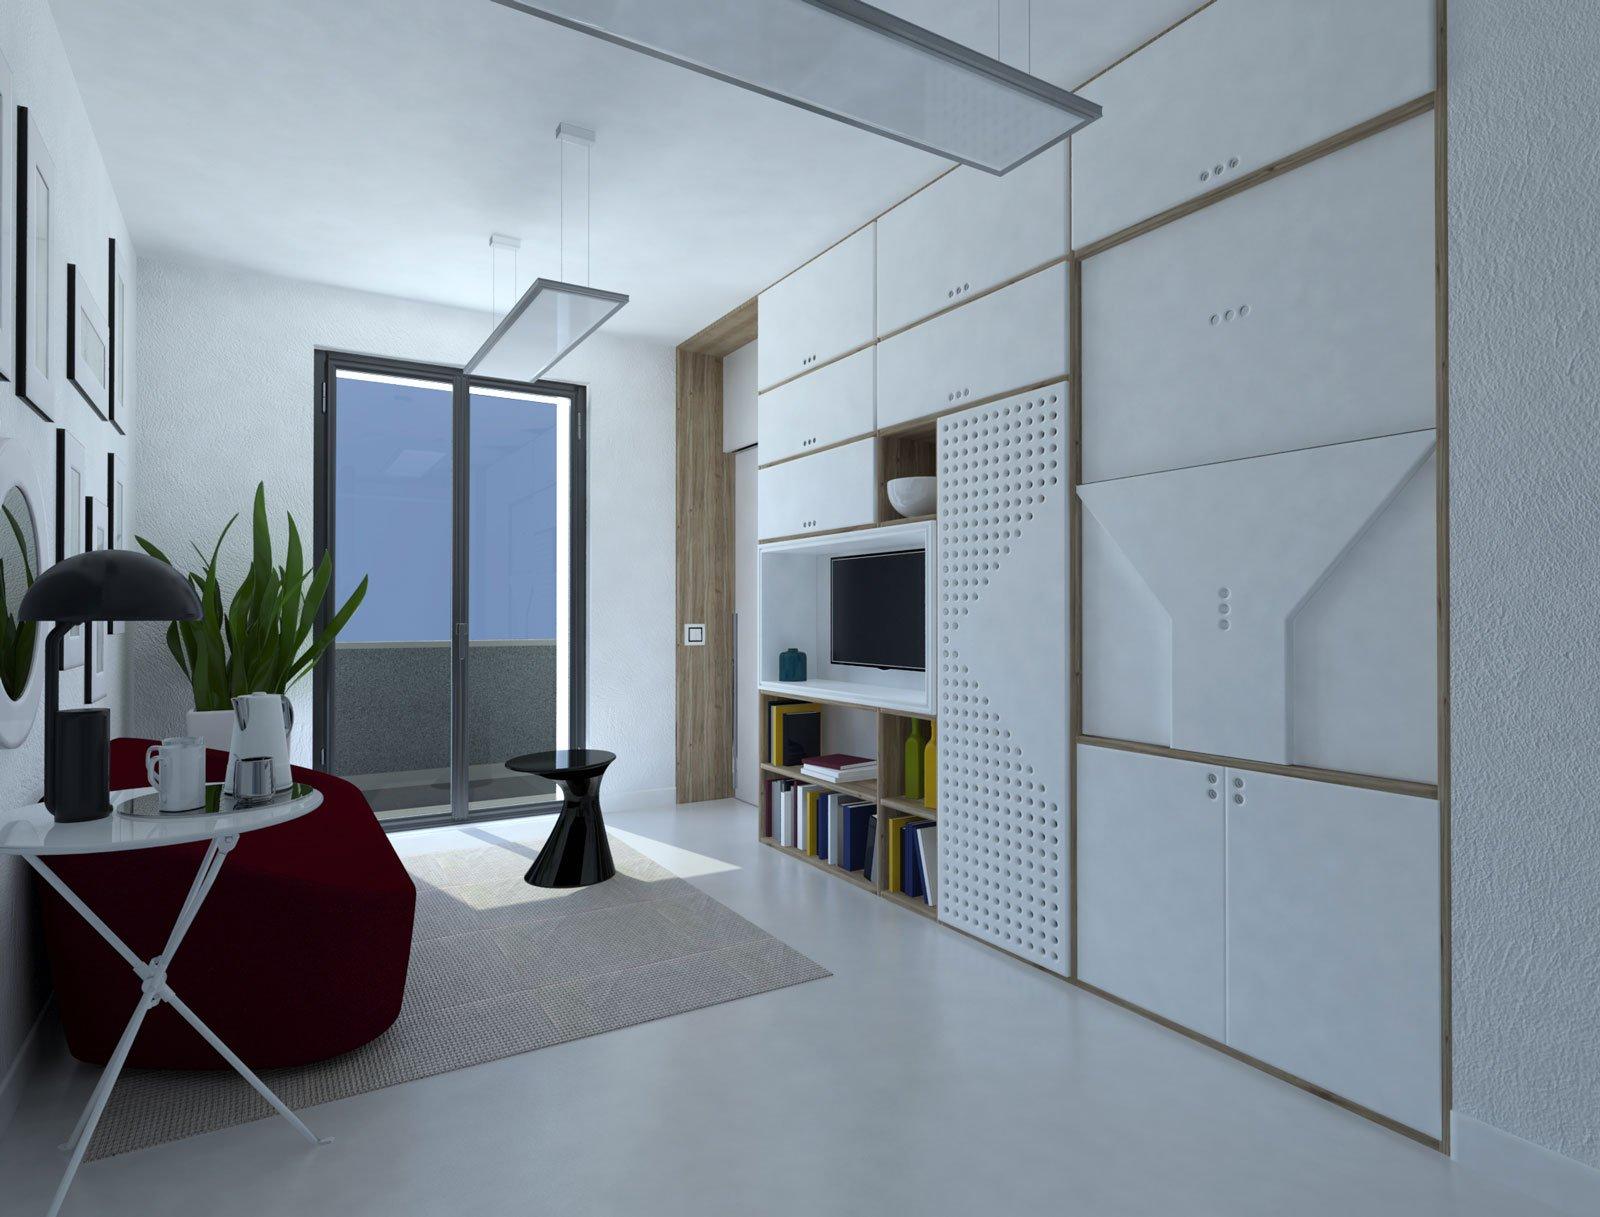 Idee Per Dividere Zona Giorno da monolocale a bilocale: nell'open space, separare